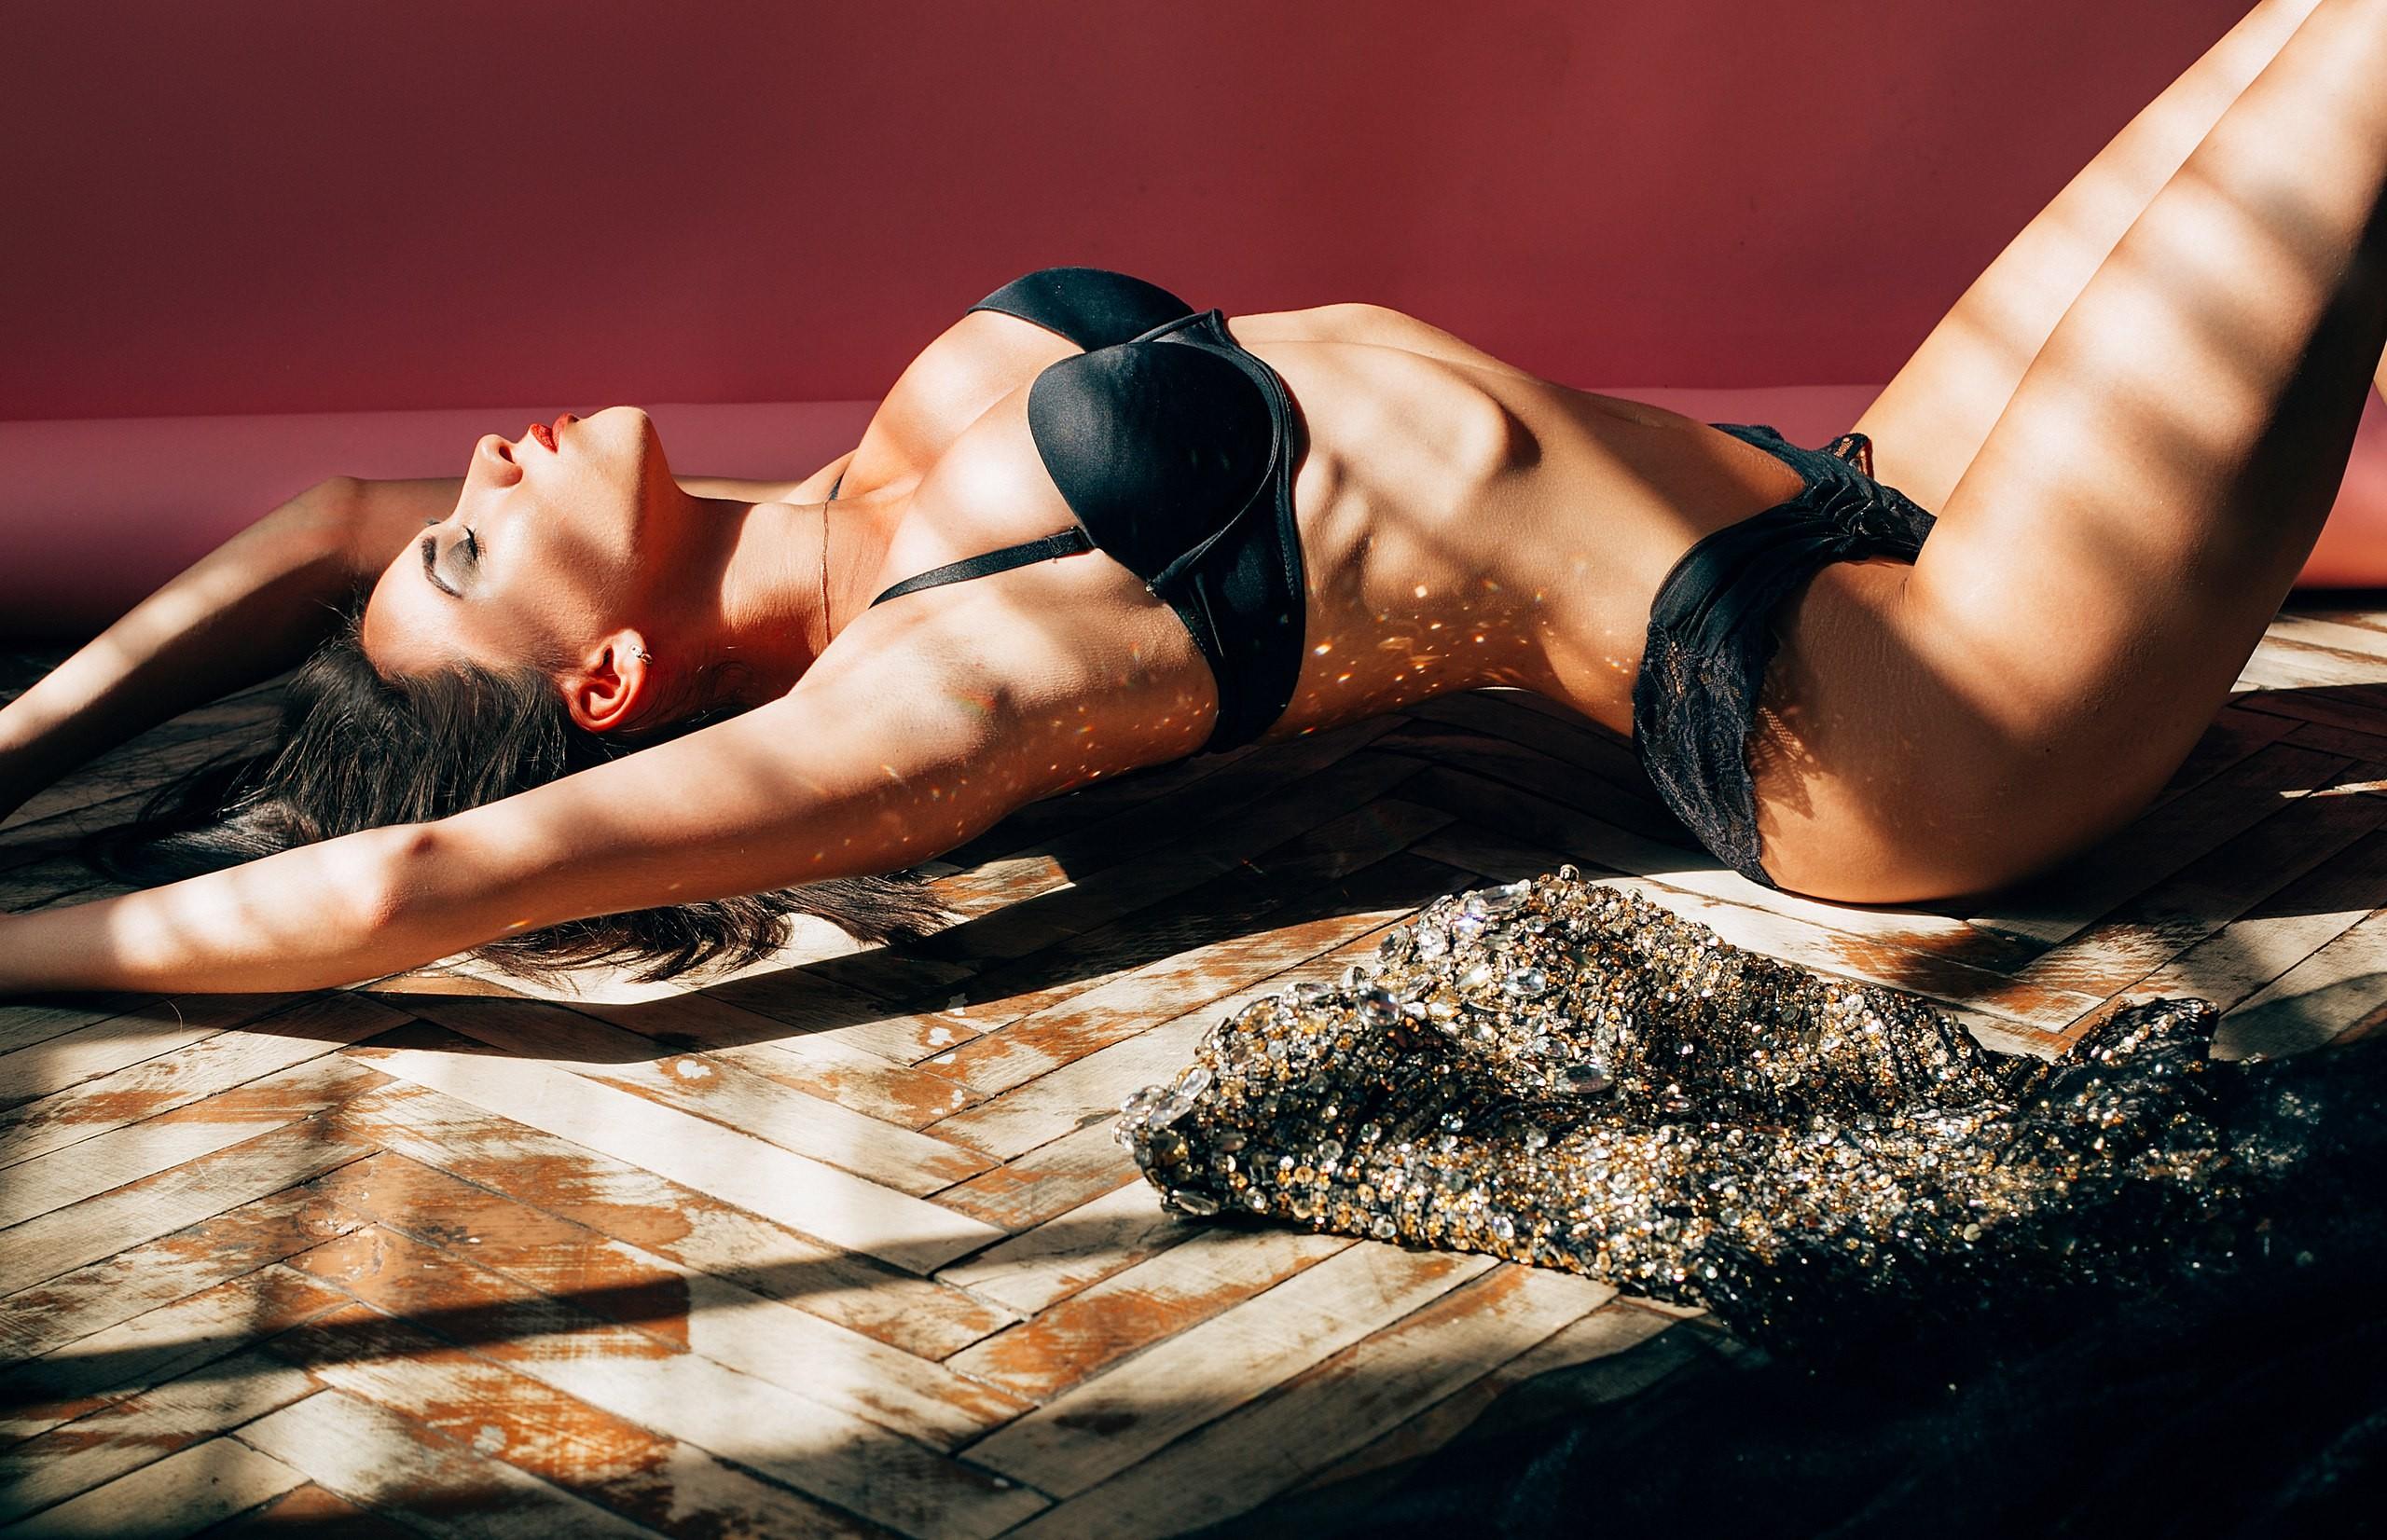 Видео супер женского тела, мужик трахает связанную рабыню